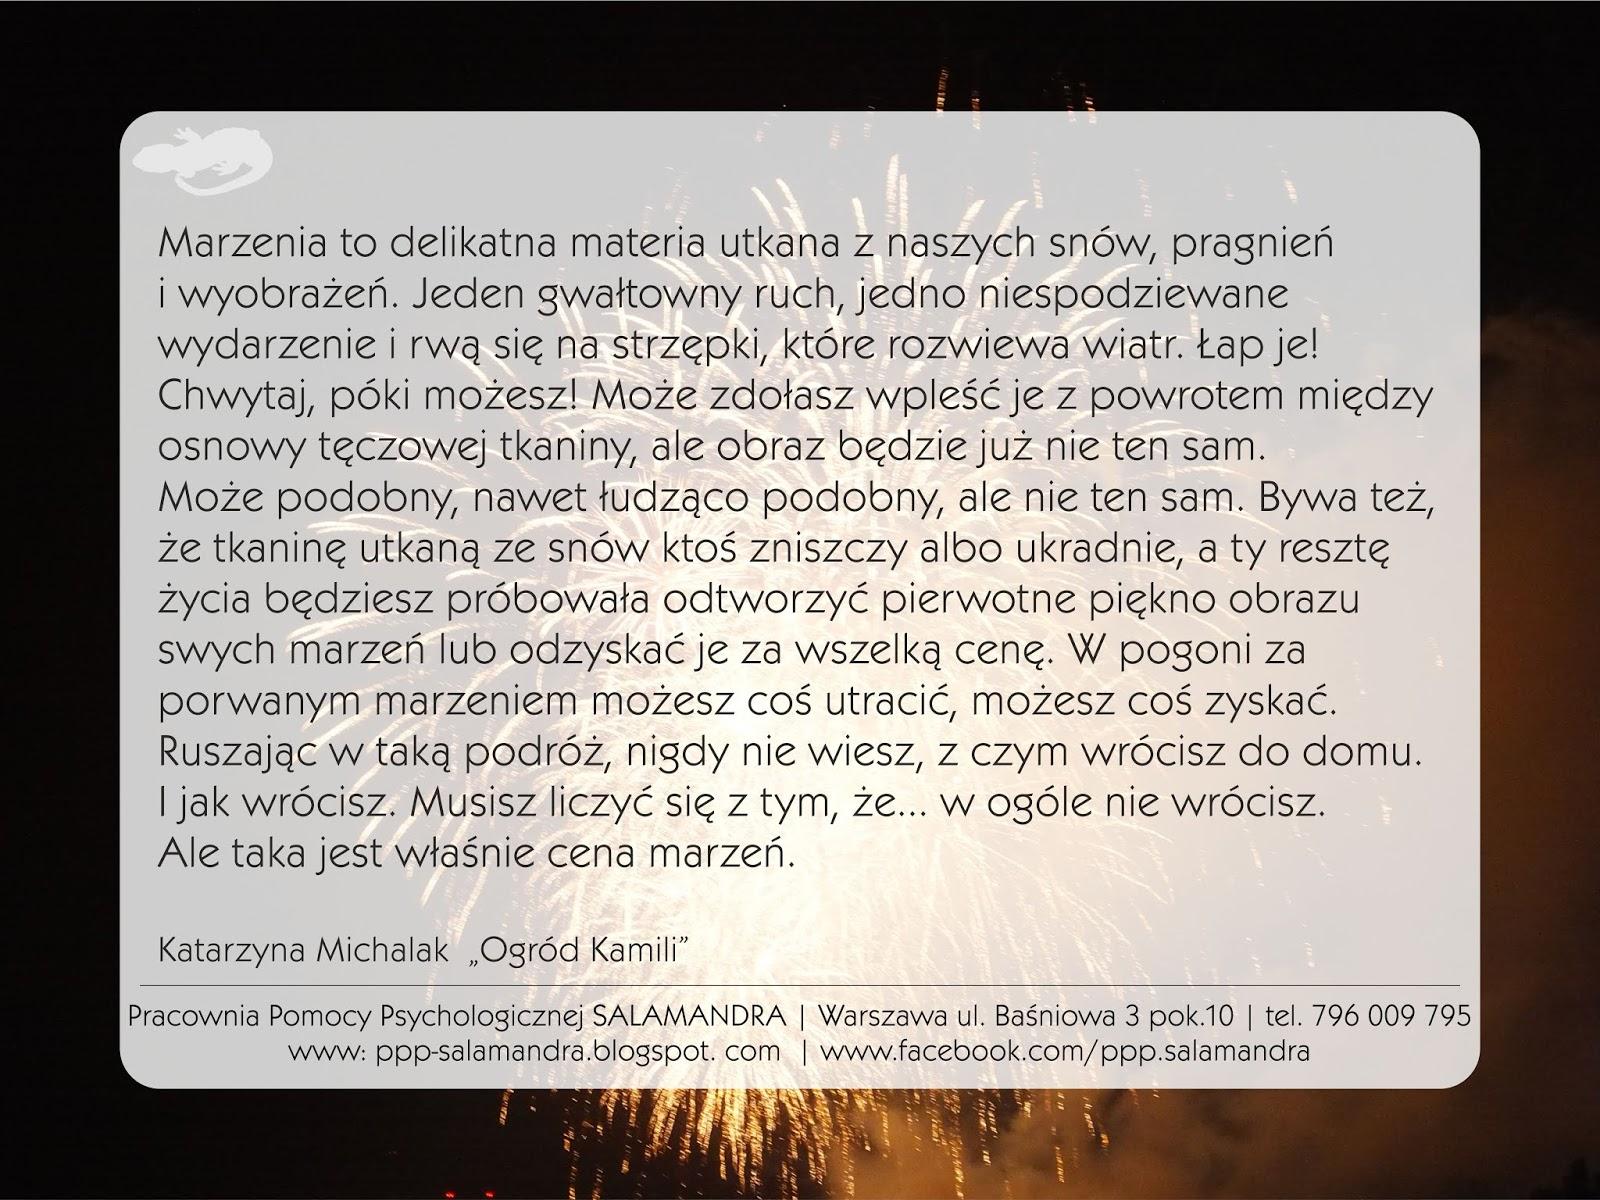 Spełnienia marzeń! Życzenia noworoczne na psychologicznym blogu